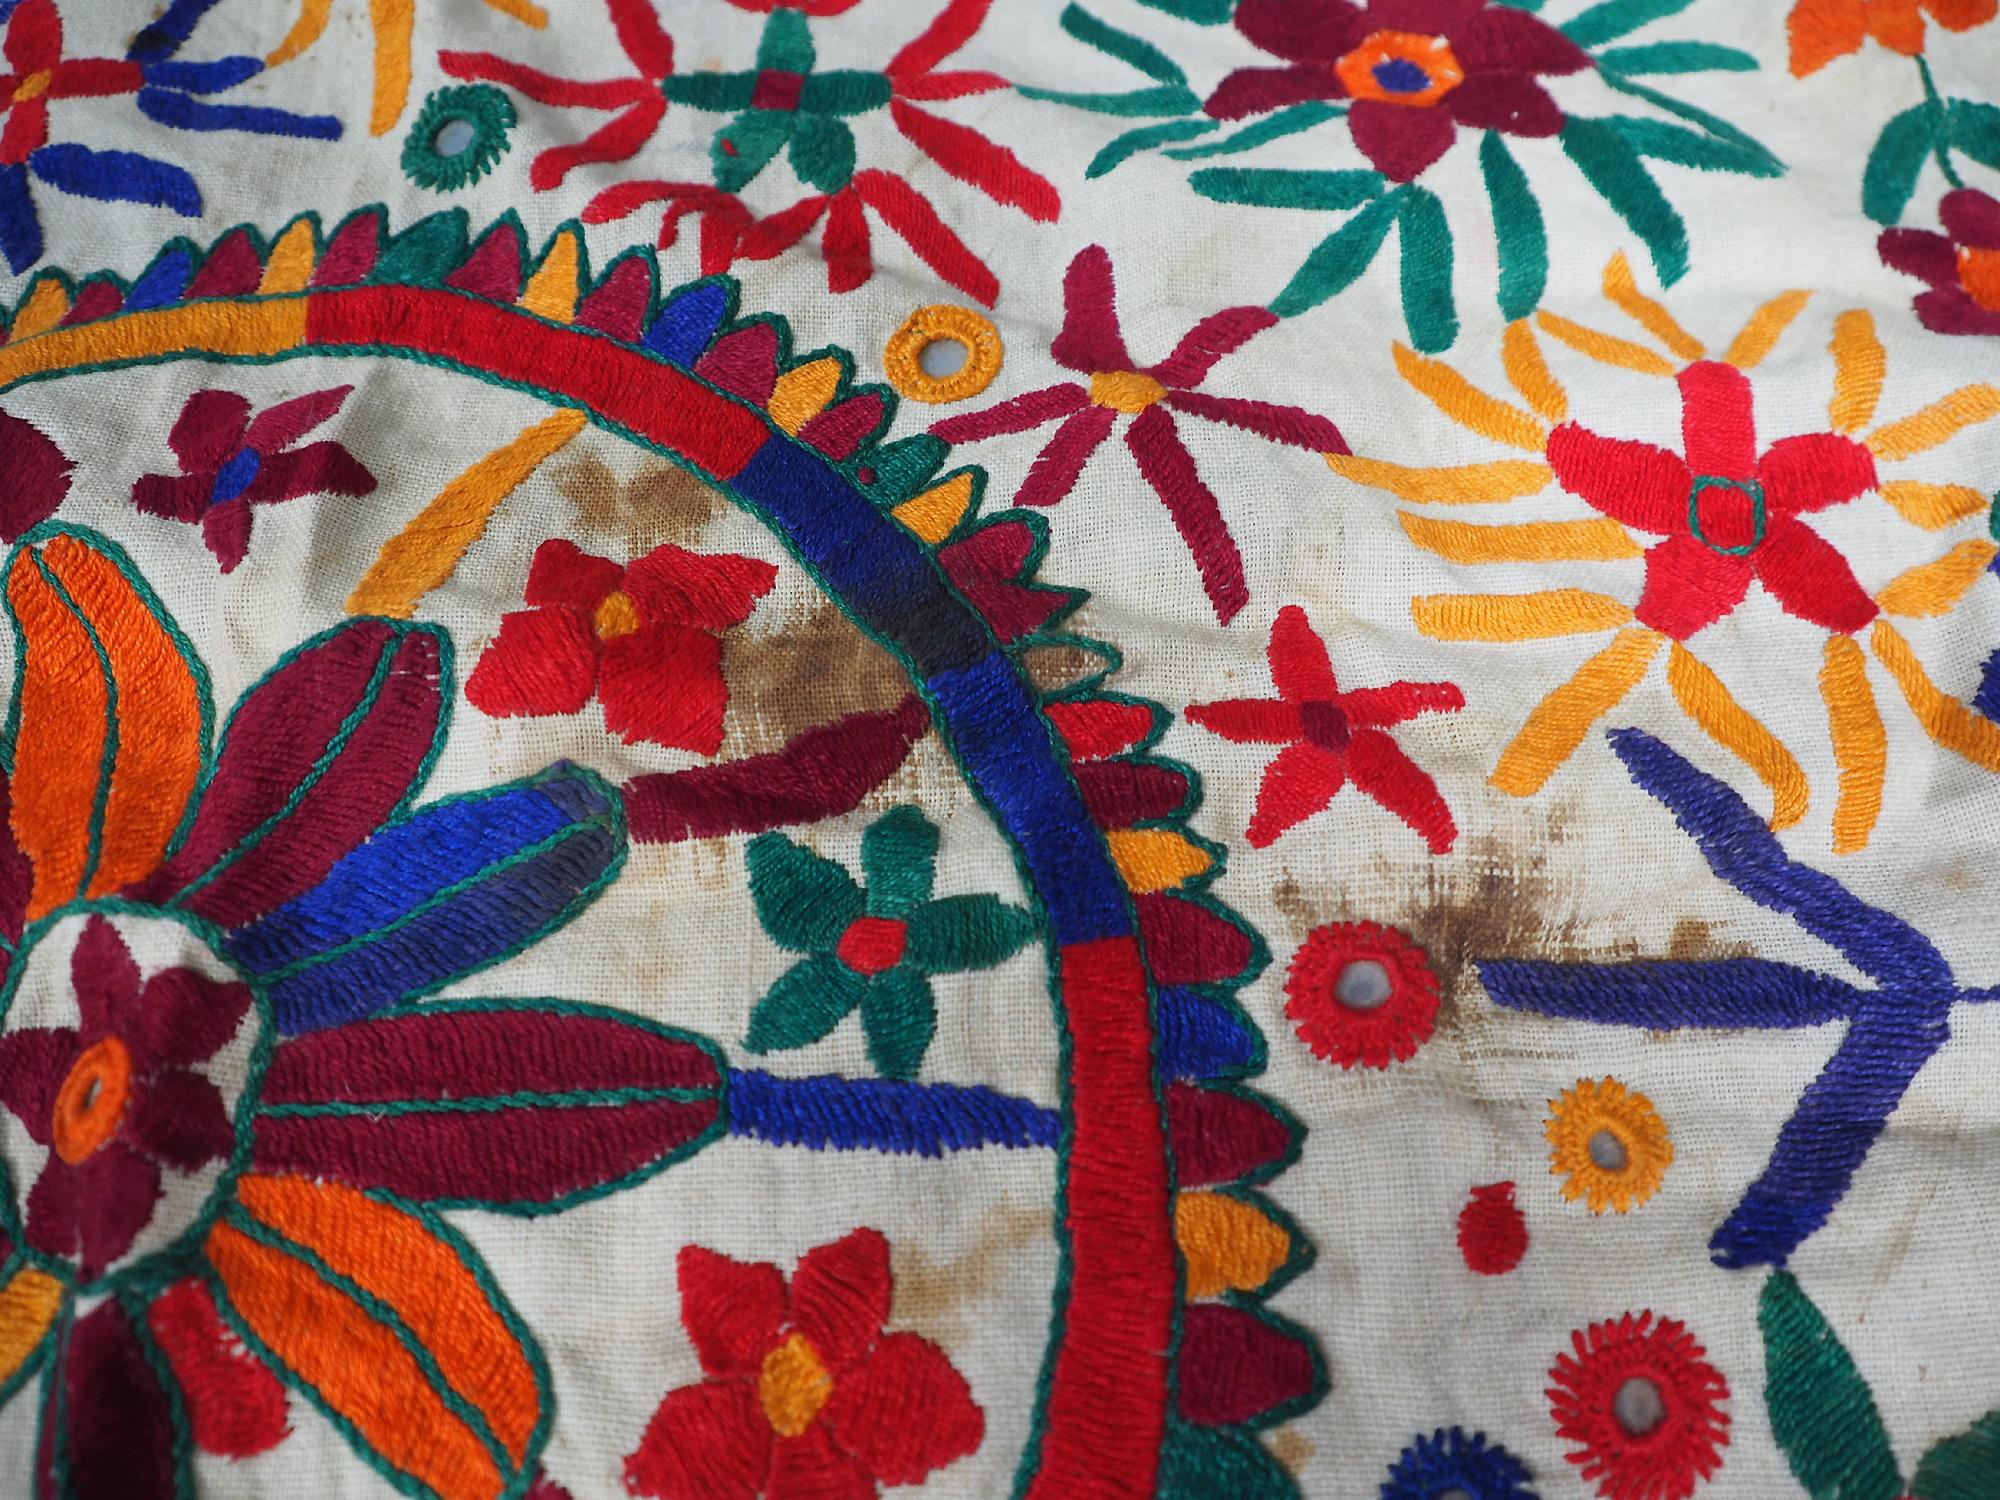 antik banjara bräutigam Hochzeit kopfschmuck kopfbdekung aus sindh Pakistan . No:21/ 2